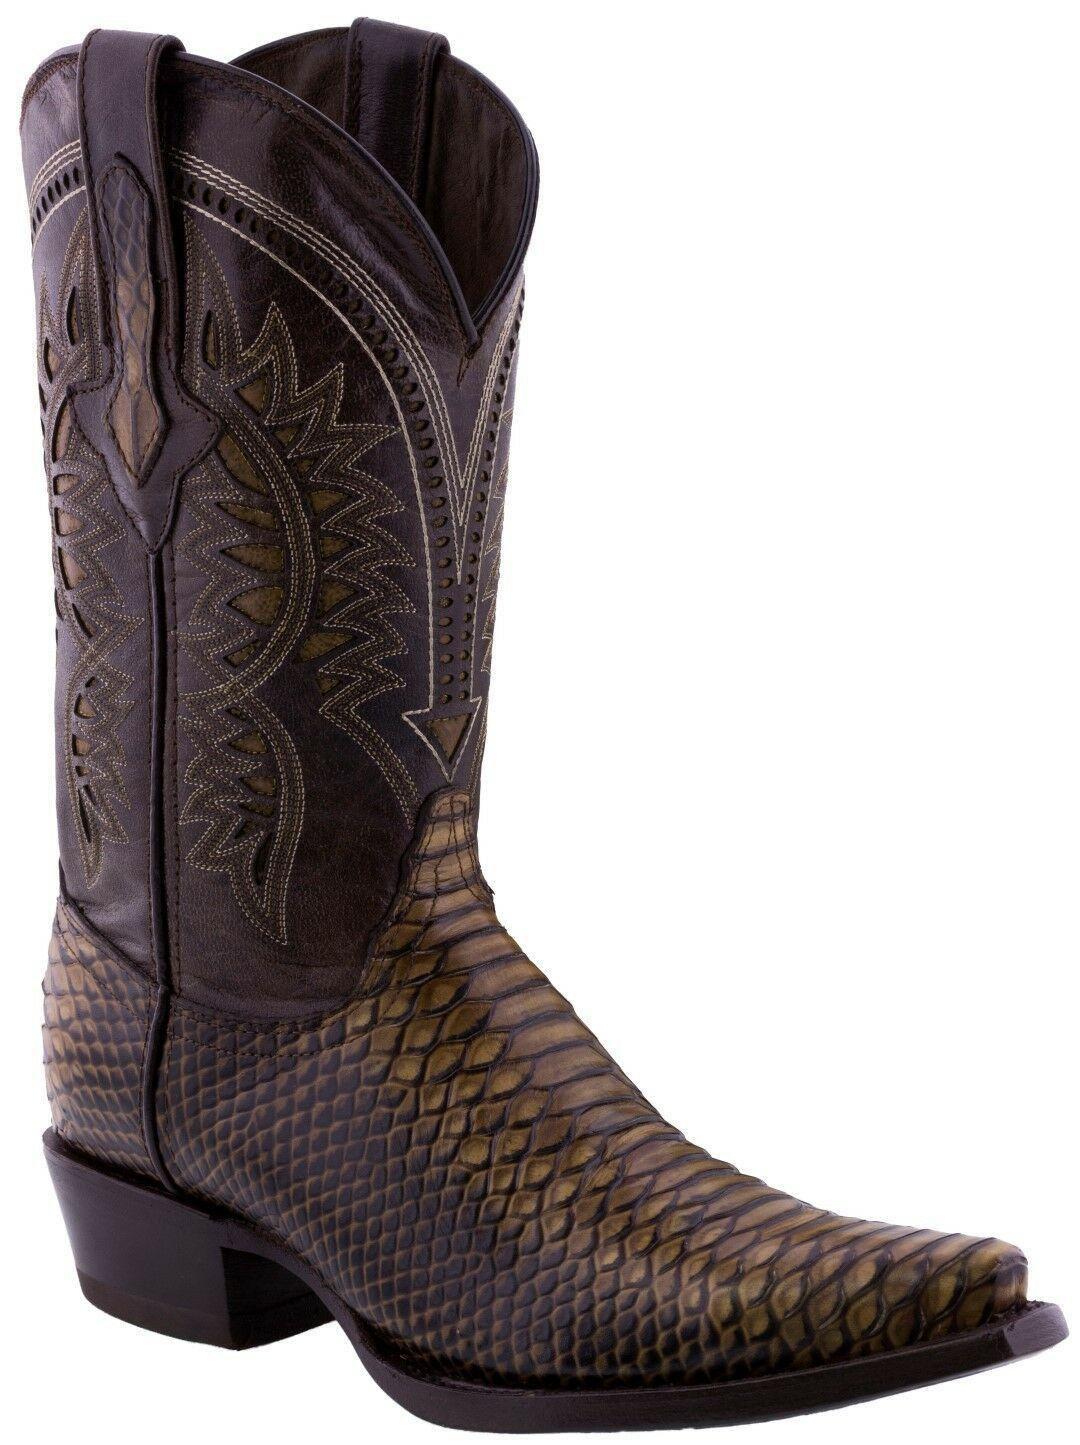 Men/'s Brown Leather Python Snake Overlay Design Cowboy Western Square Belt